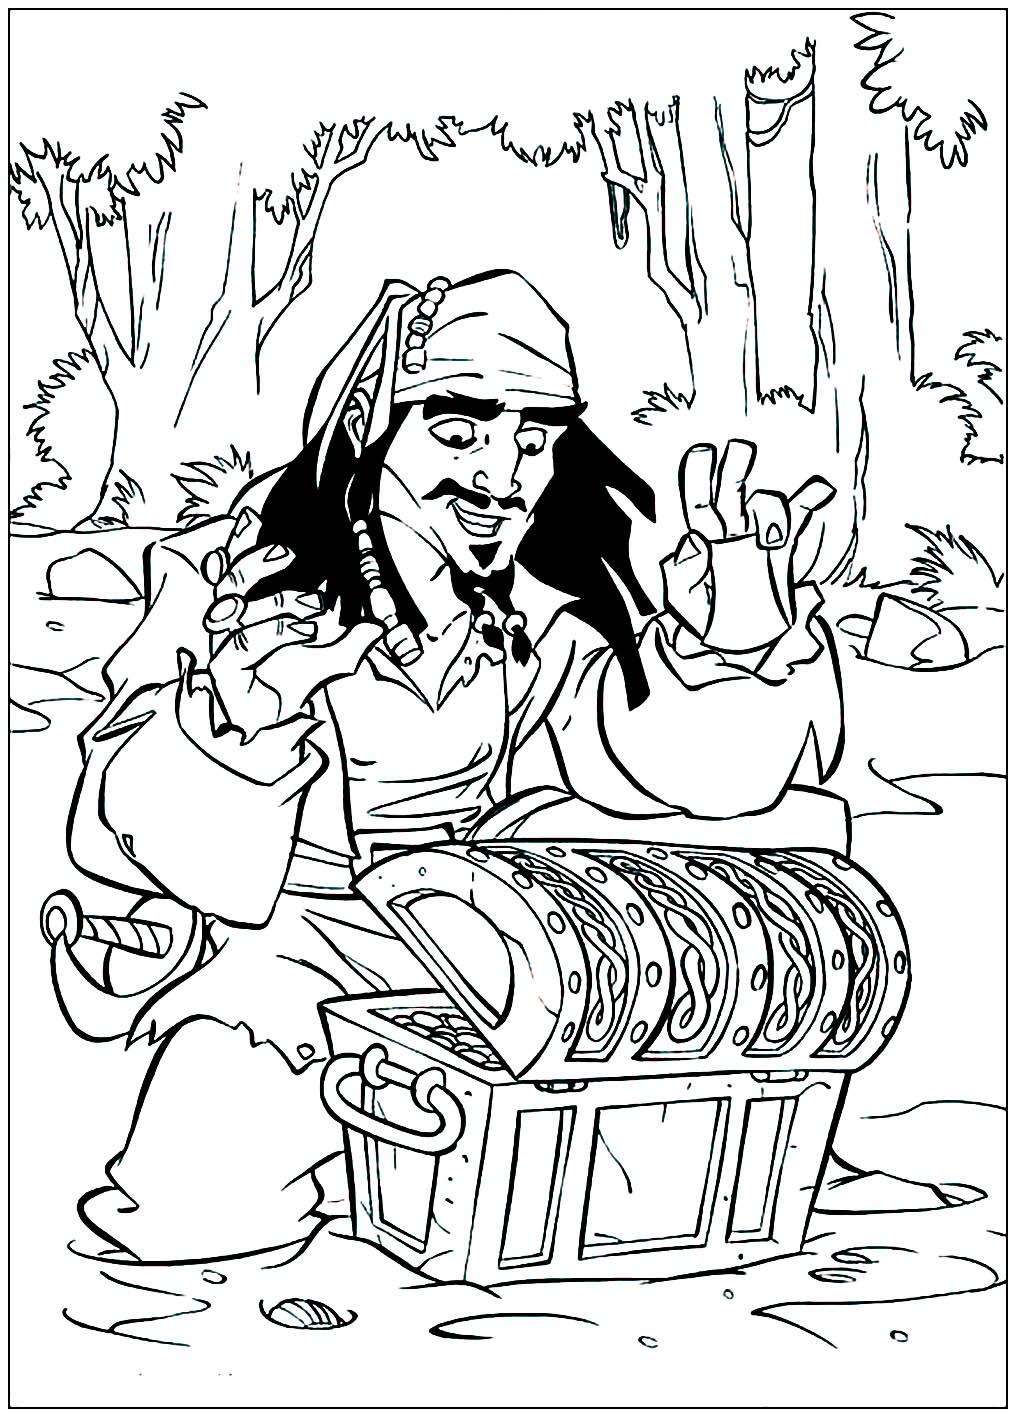 Coloriez ce dessin à temps pour récupérer le trésor avant Jack Sparrow !